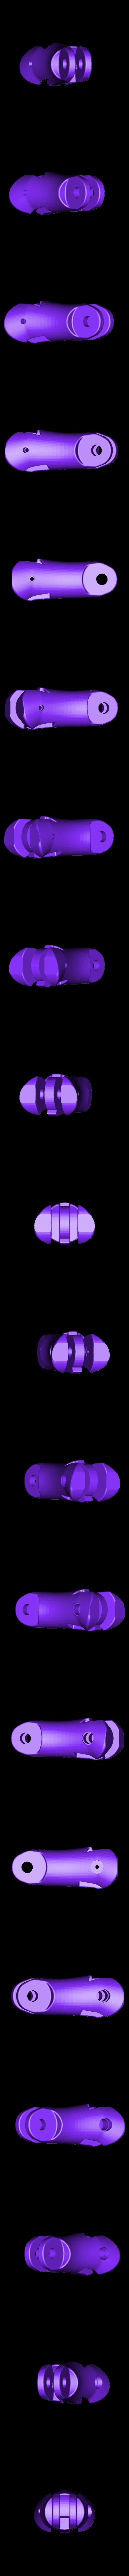 pouce_-_phalangine.stl Download free STL file Articulated hand • 3D printer model, NOP21